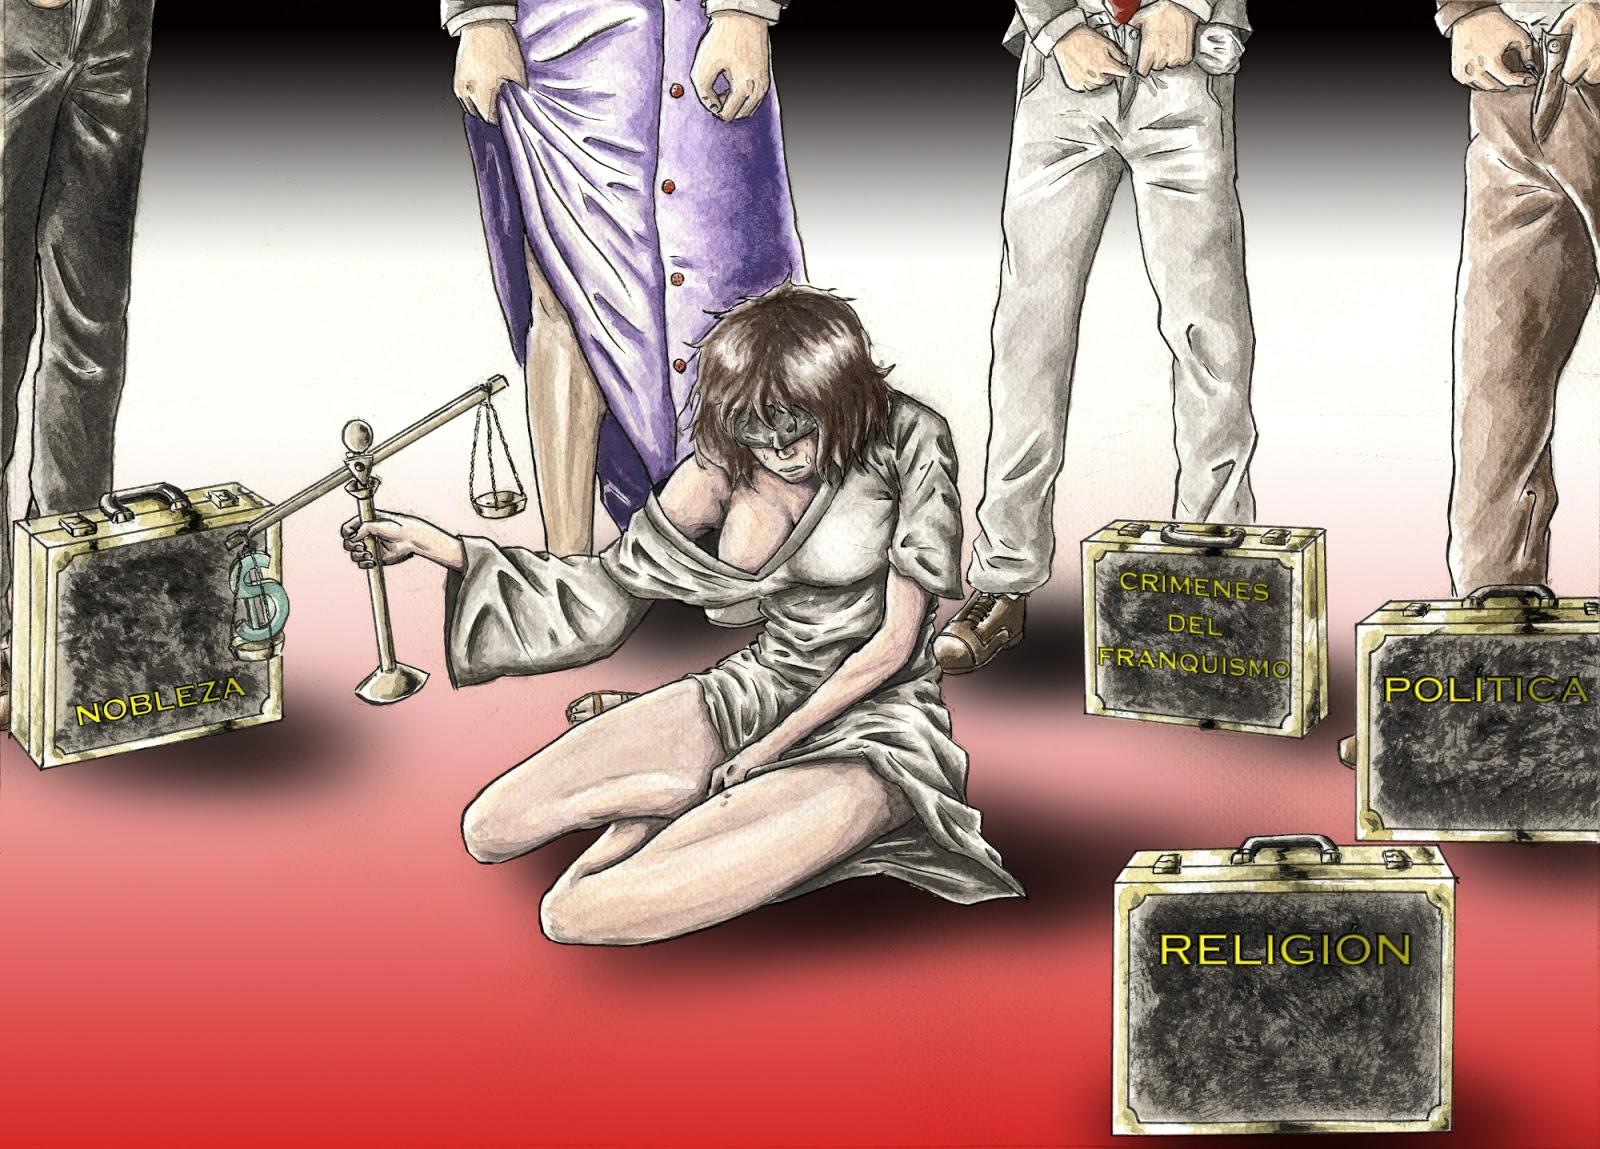 los violadores com: